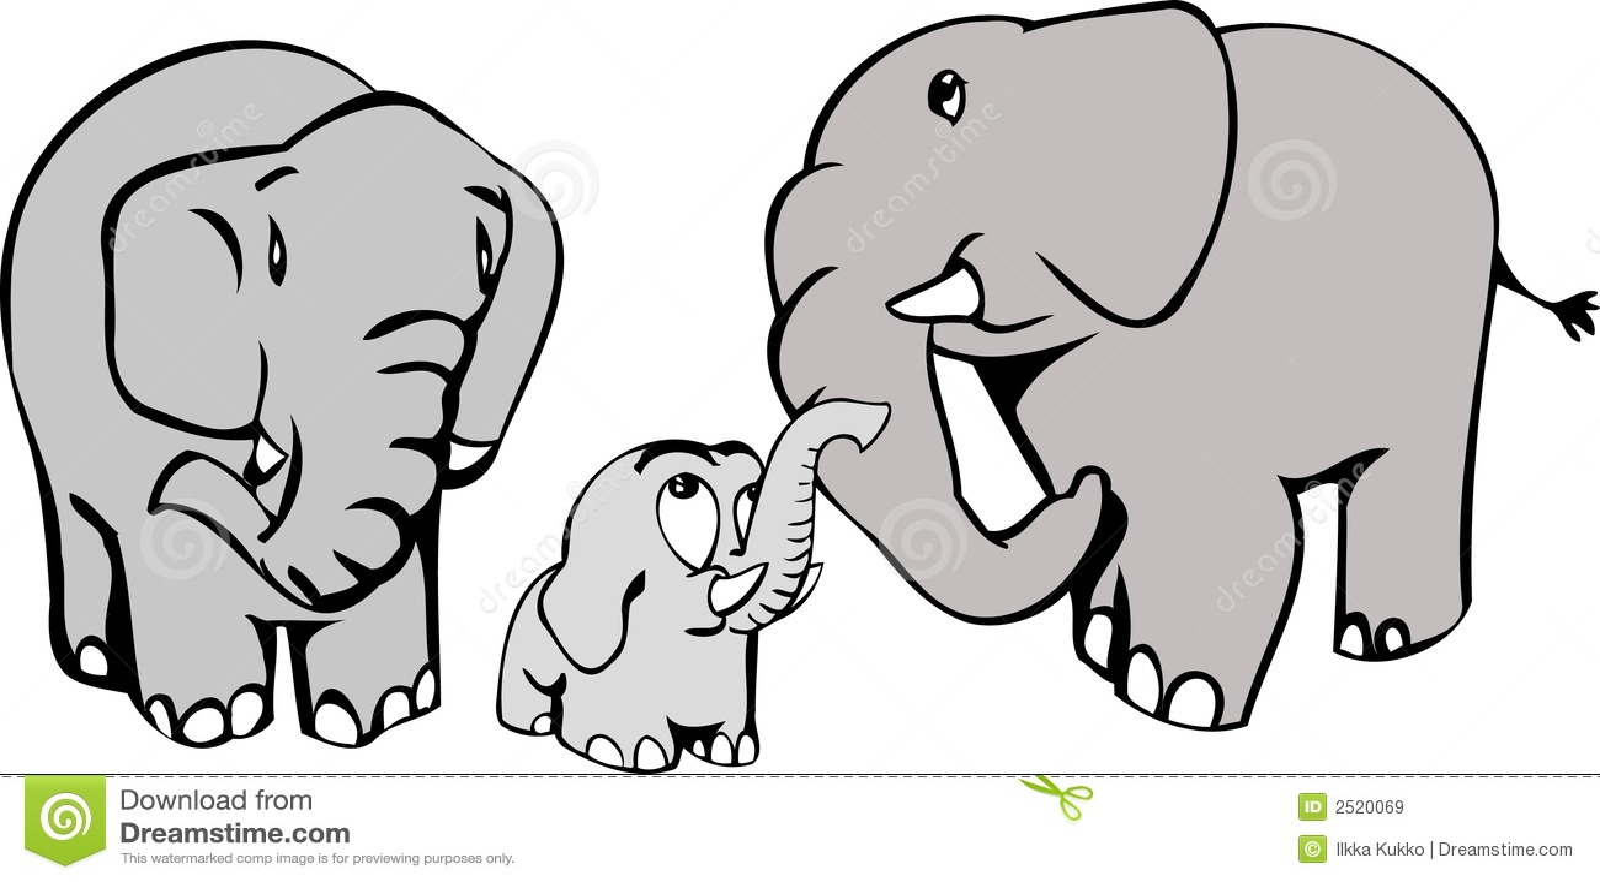 Coloriage Famille Elephant.Famille D Elephant Illustration De Vecteur Illustration Du